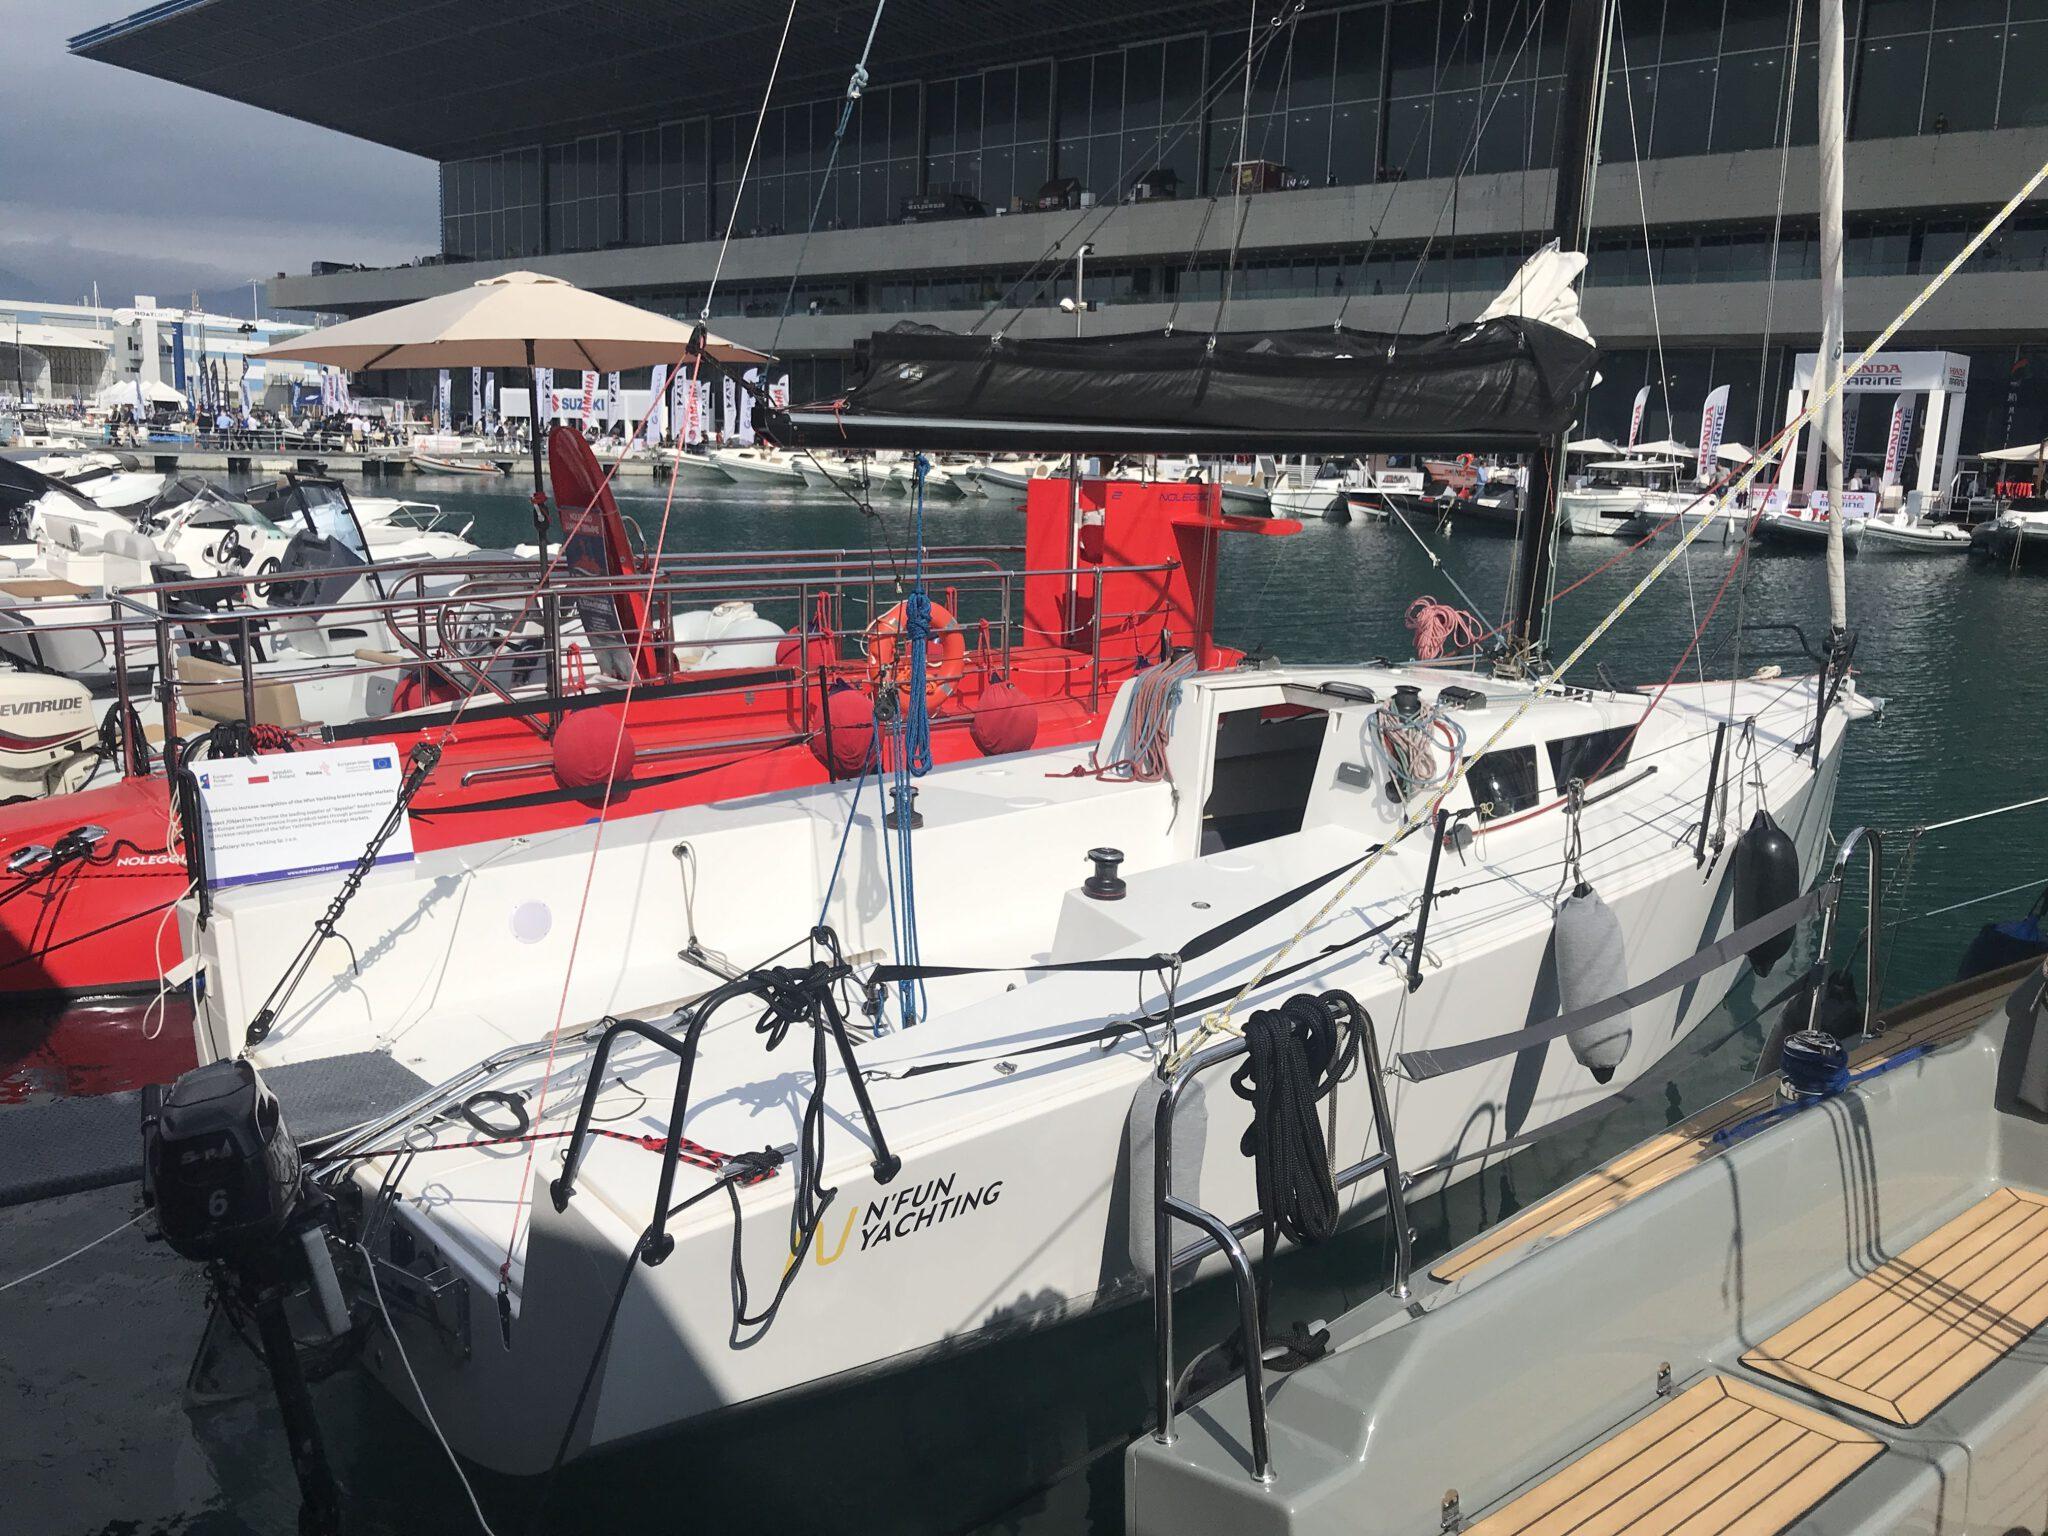 Salone Nautico – Genoa Boat Show 2019